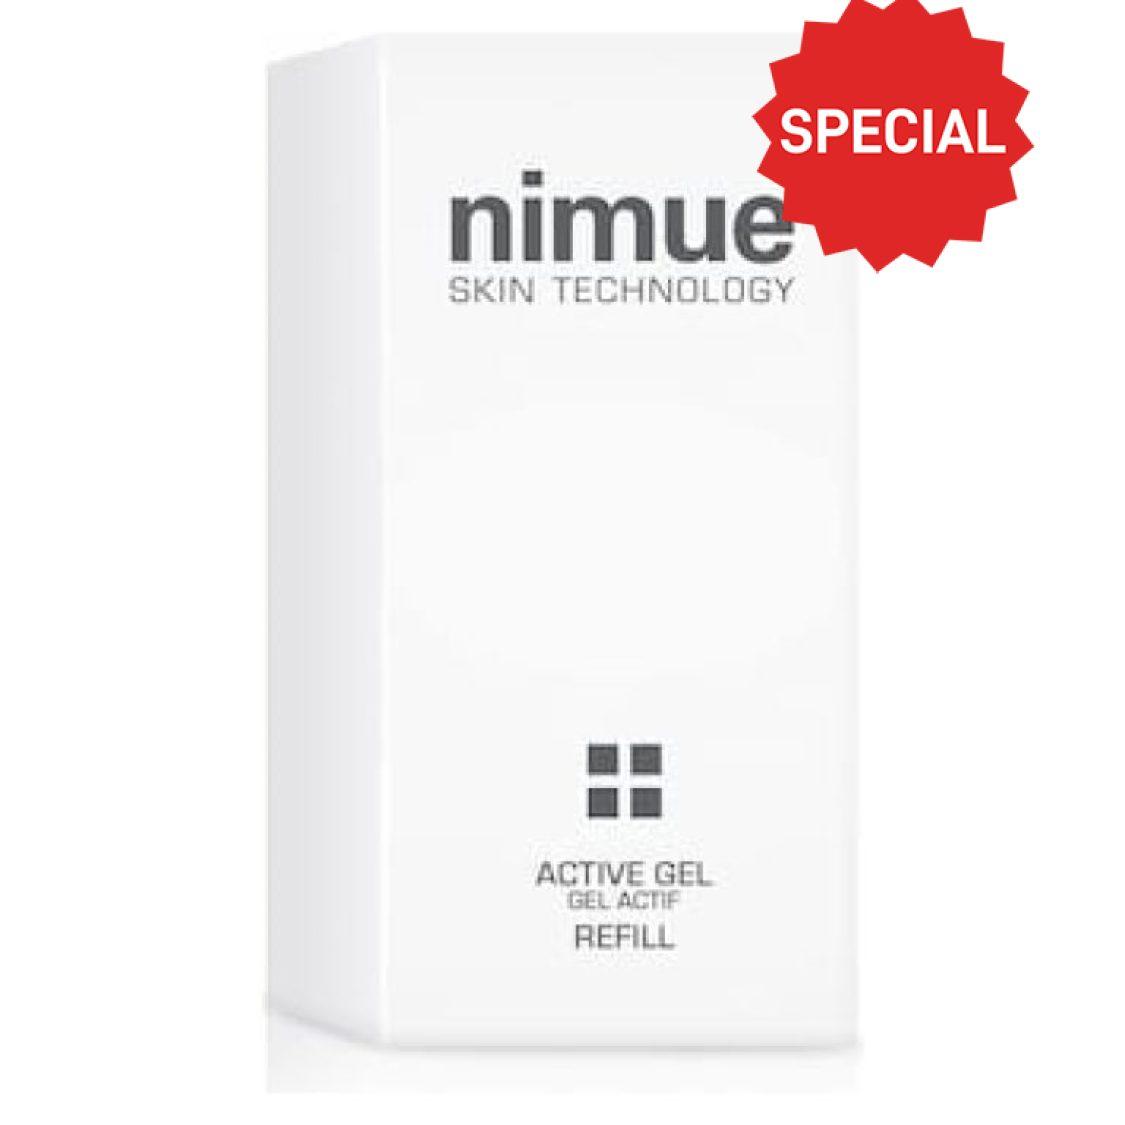 Nimue -  Active Gel 60ml - Refill